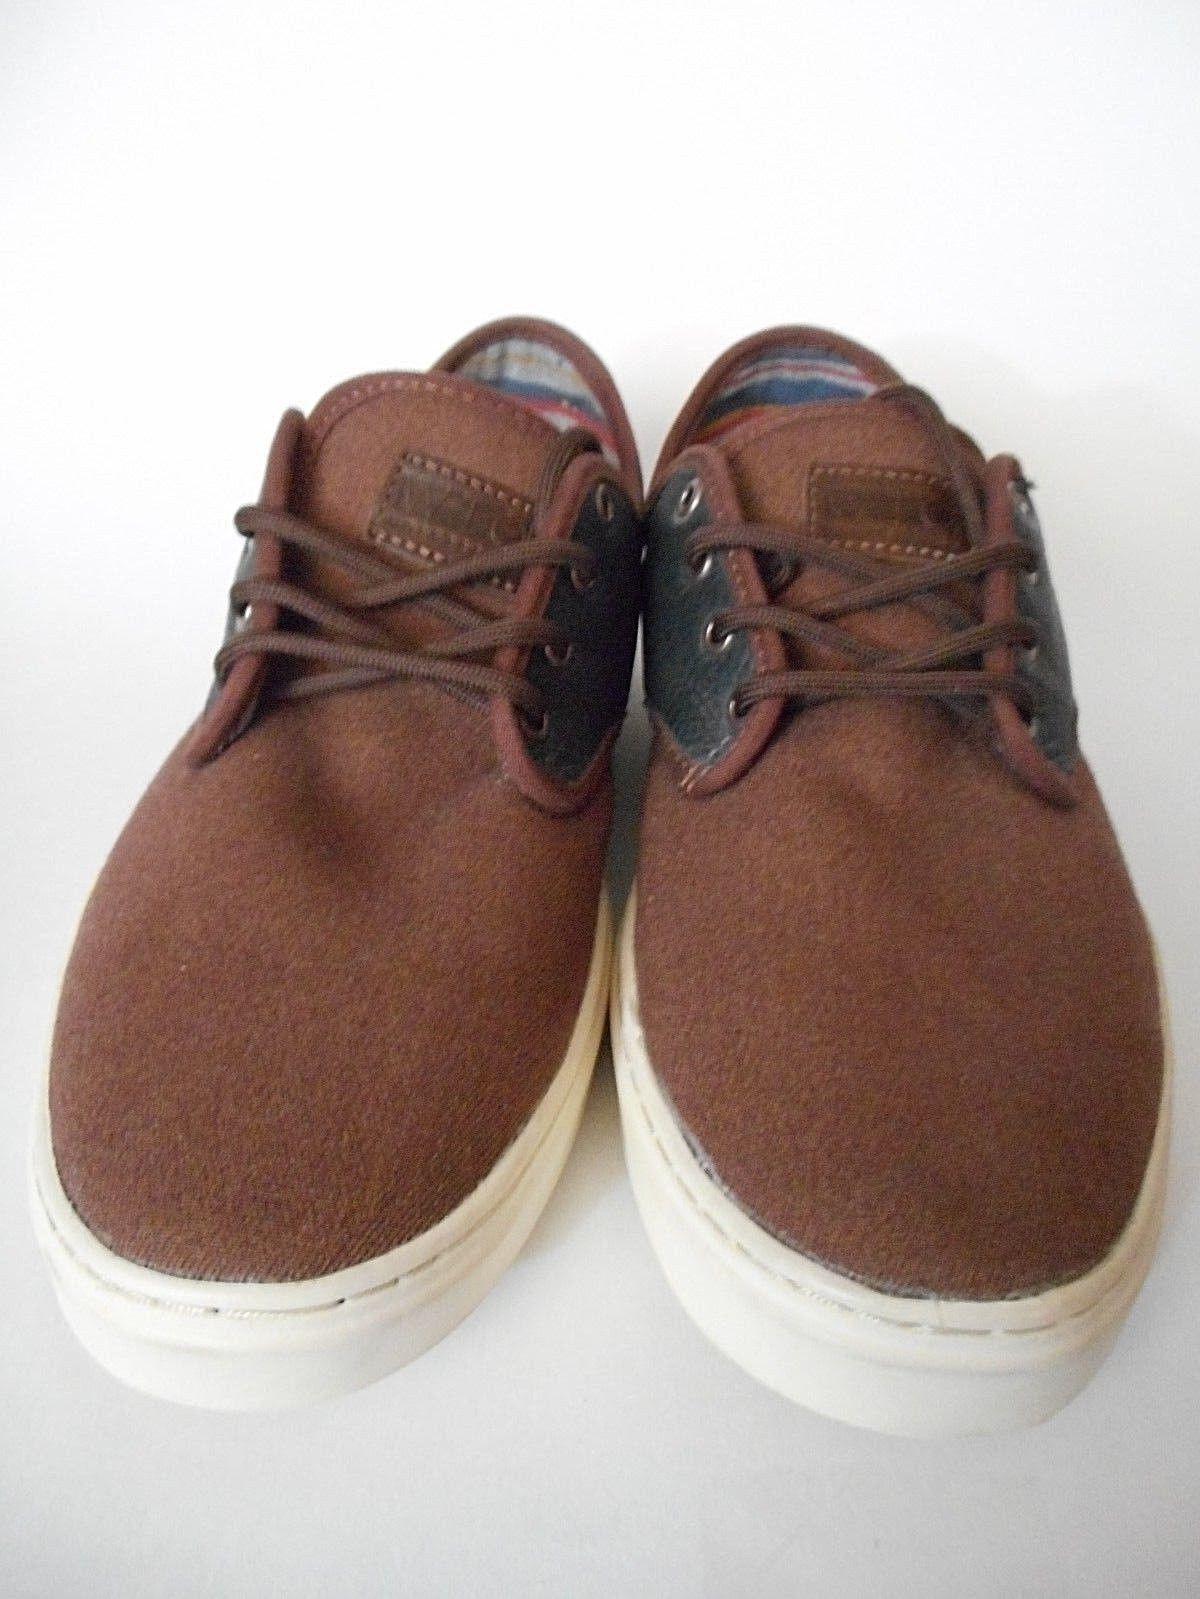 BRAND NEW VANS 9 Low Top Tennis Skate Shoes